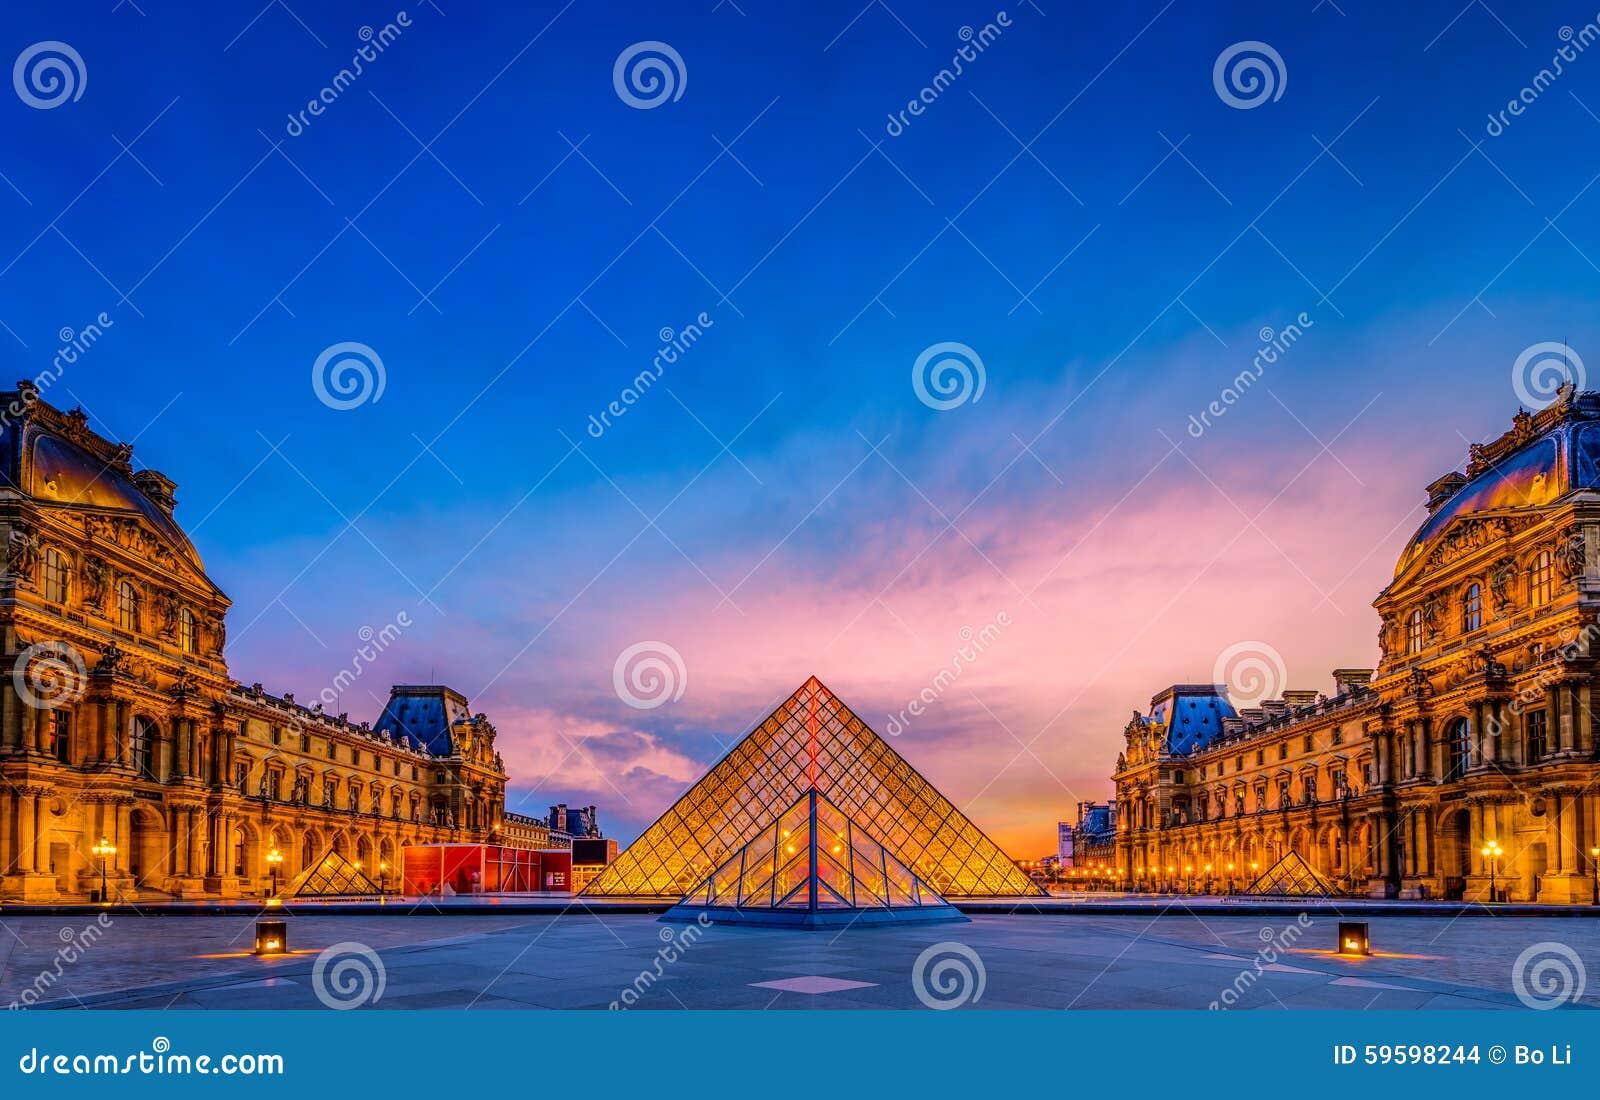 Le coucher du soleil du musée de Louvre